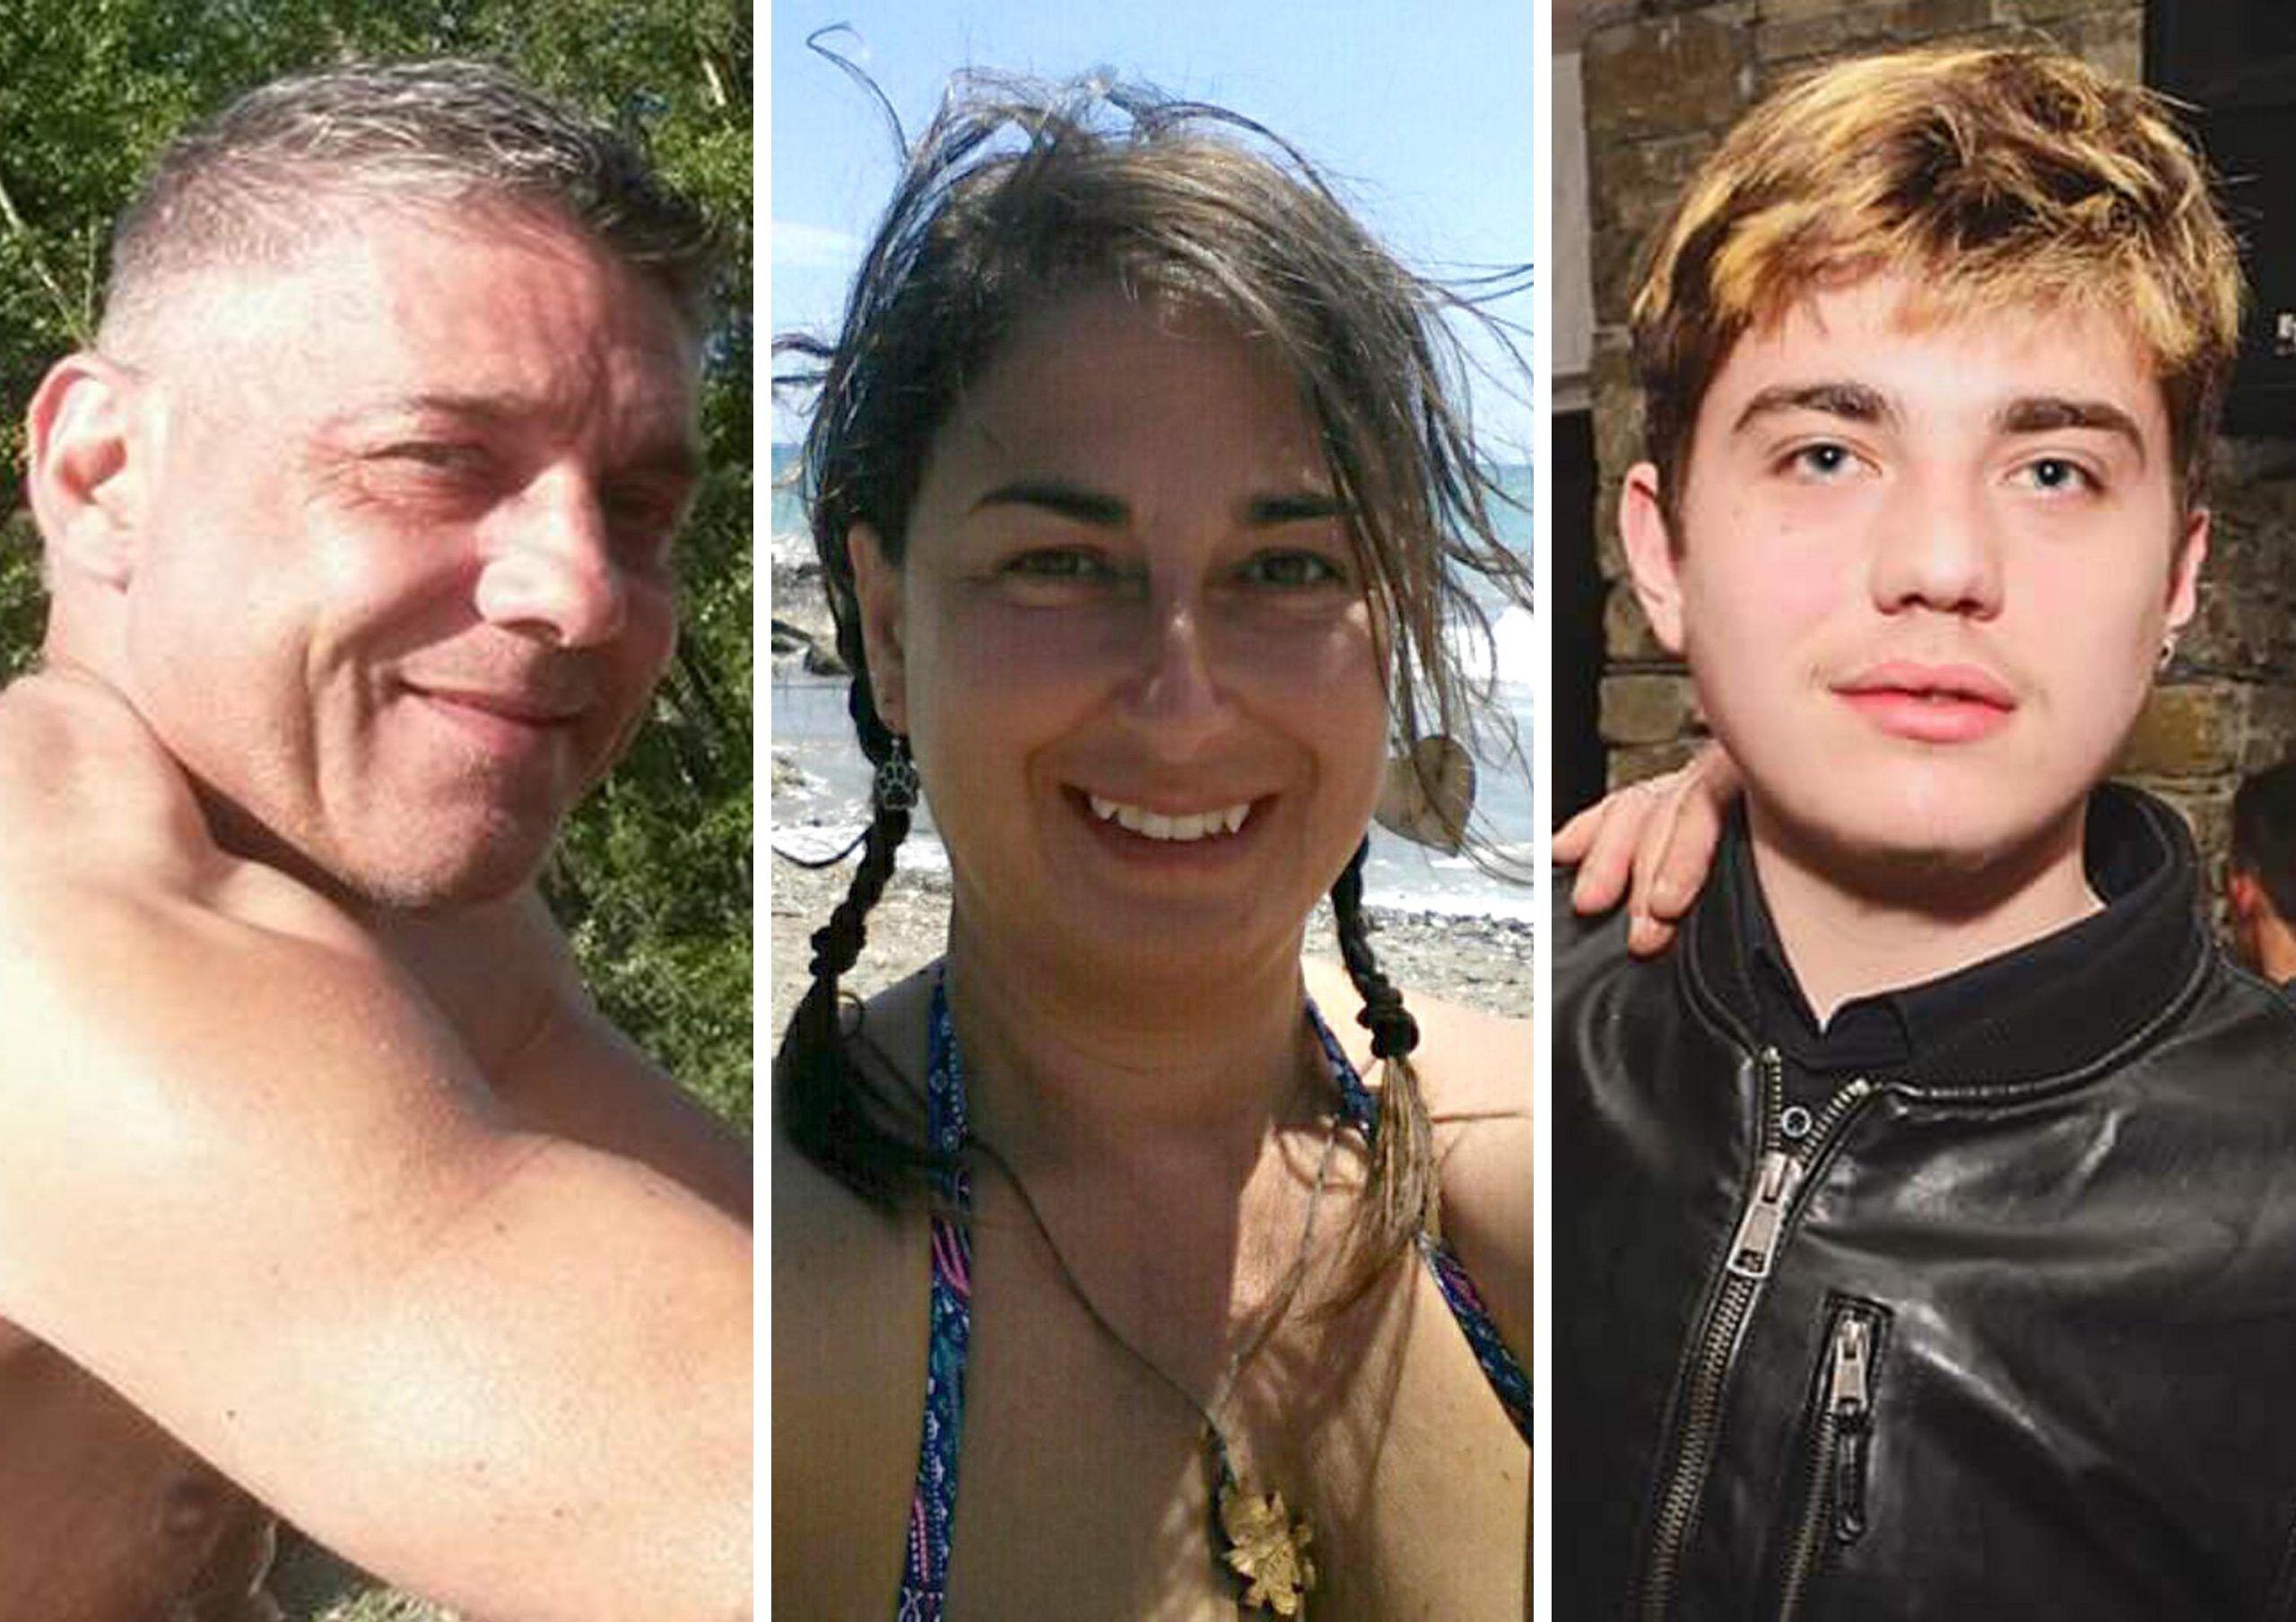 Da sinistra Luca Baroni, Mariangela Mele, Mattia Baroni, i membri della famiglia morta a causa dell'intossicazione da monossido